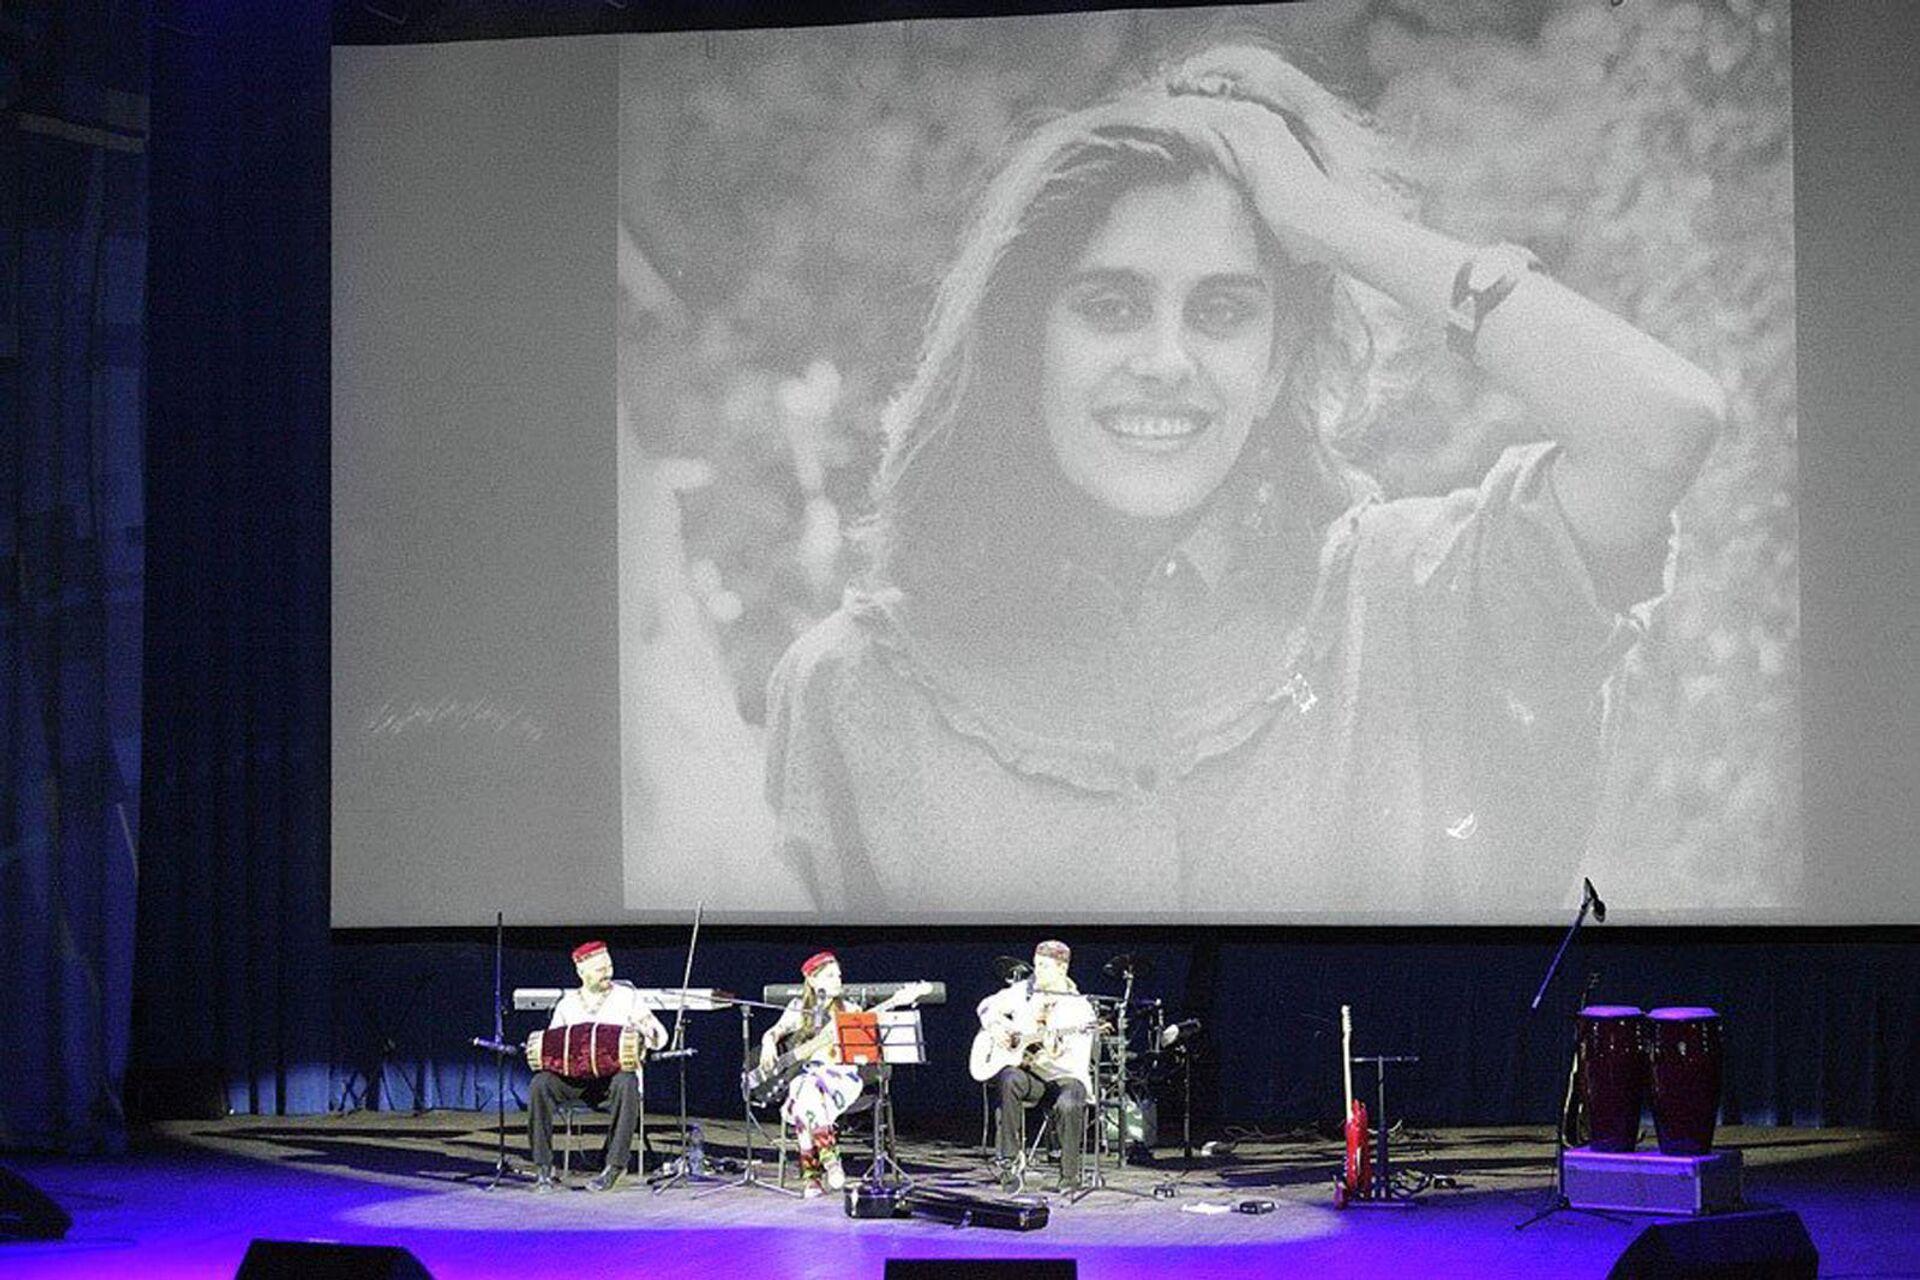 Портрет Наргис Бандишоевой на концерте группы Baraka  - Sputnik Тоҷикистон, 1920, 07.10.2021